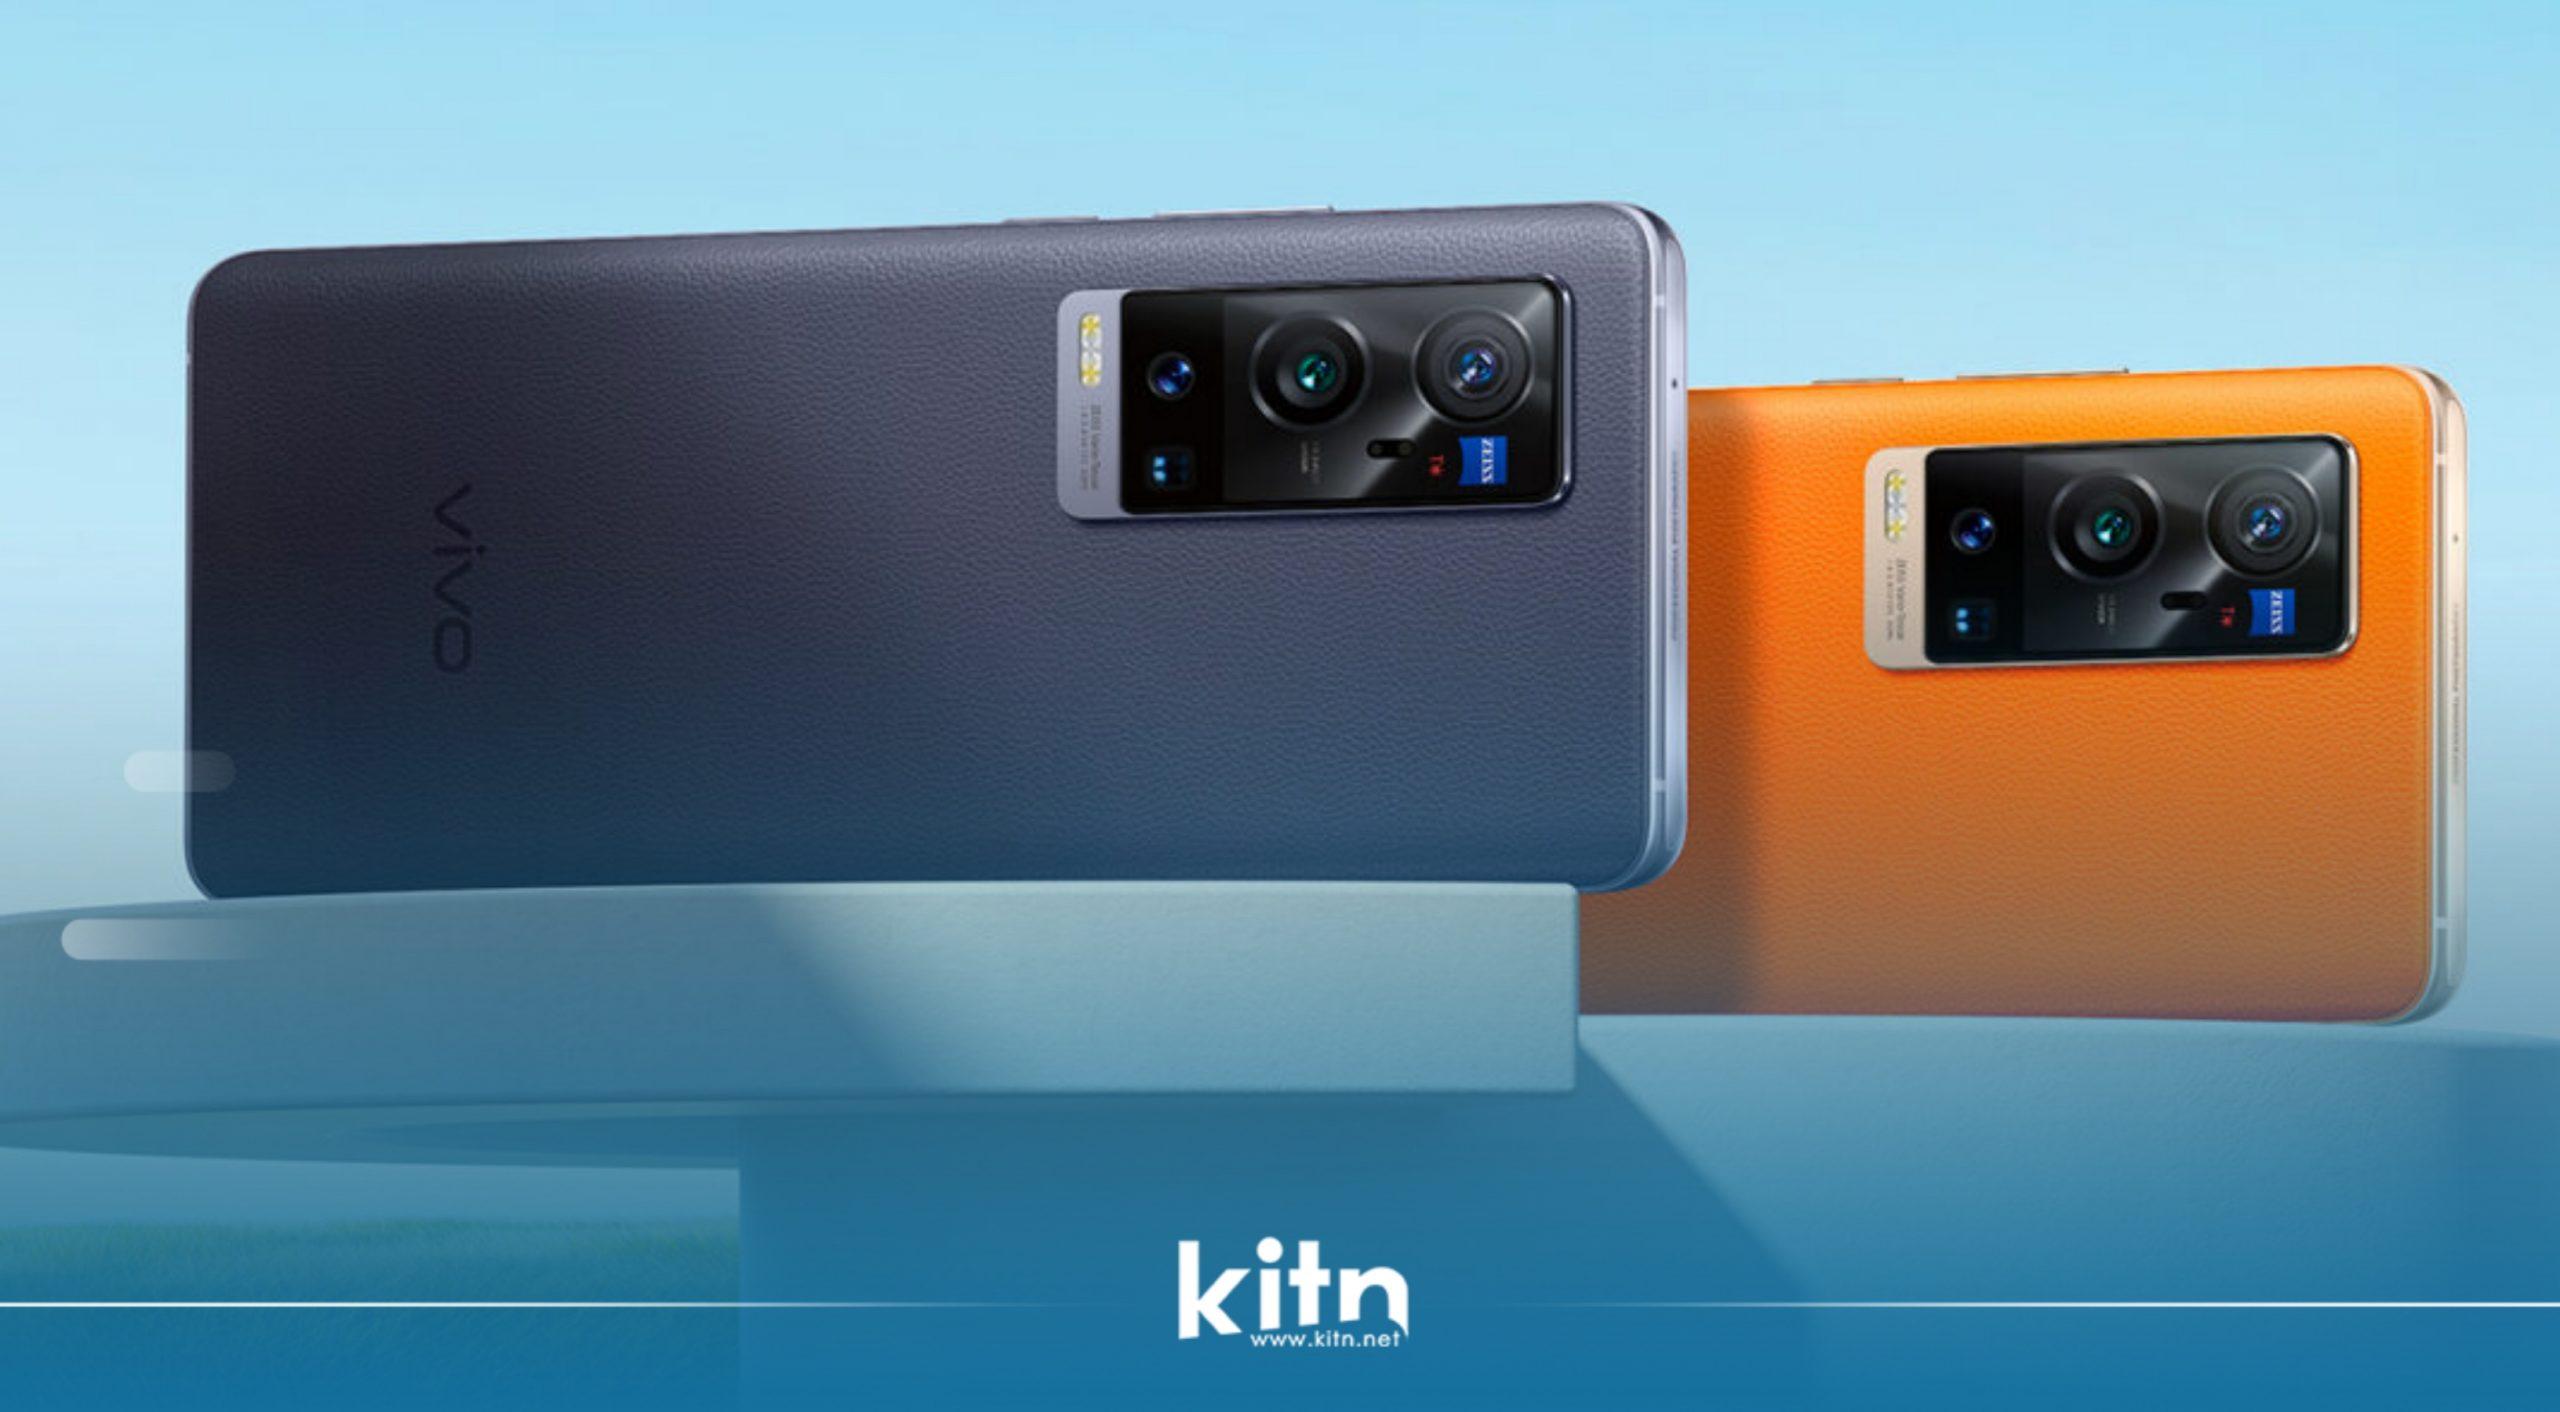 بە فەرمی مۆبایلی  Vivo X60 Pro بە چیپسێتی سناپدراگۆن 888 و دوو کامێرای سەرەکی لە دواوەیدا نمایش کرا